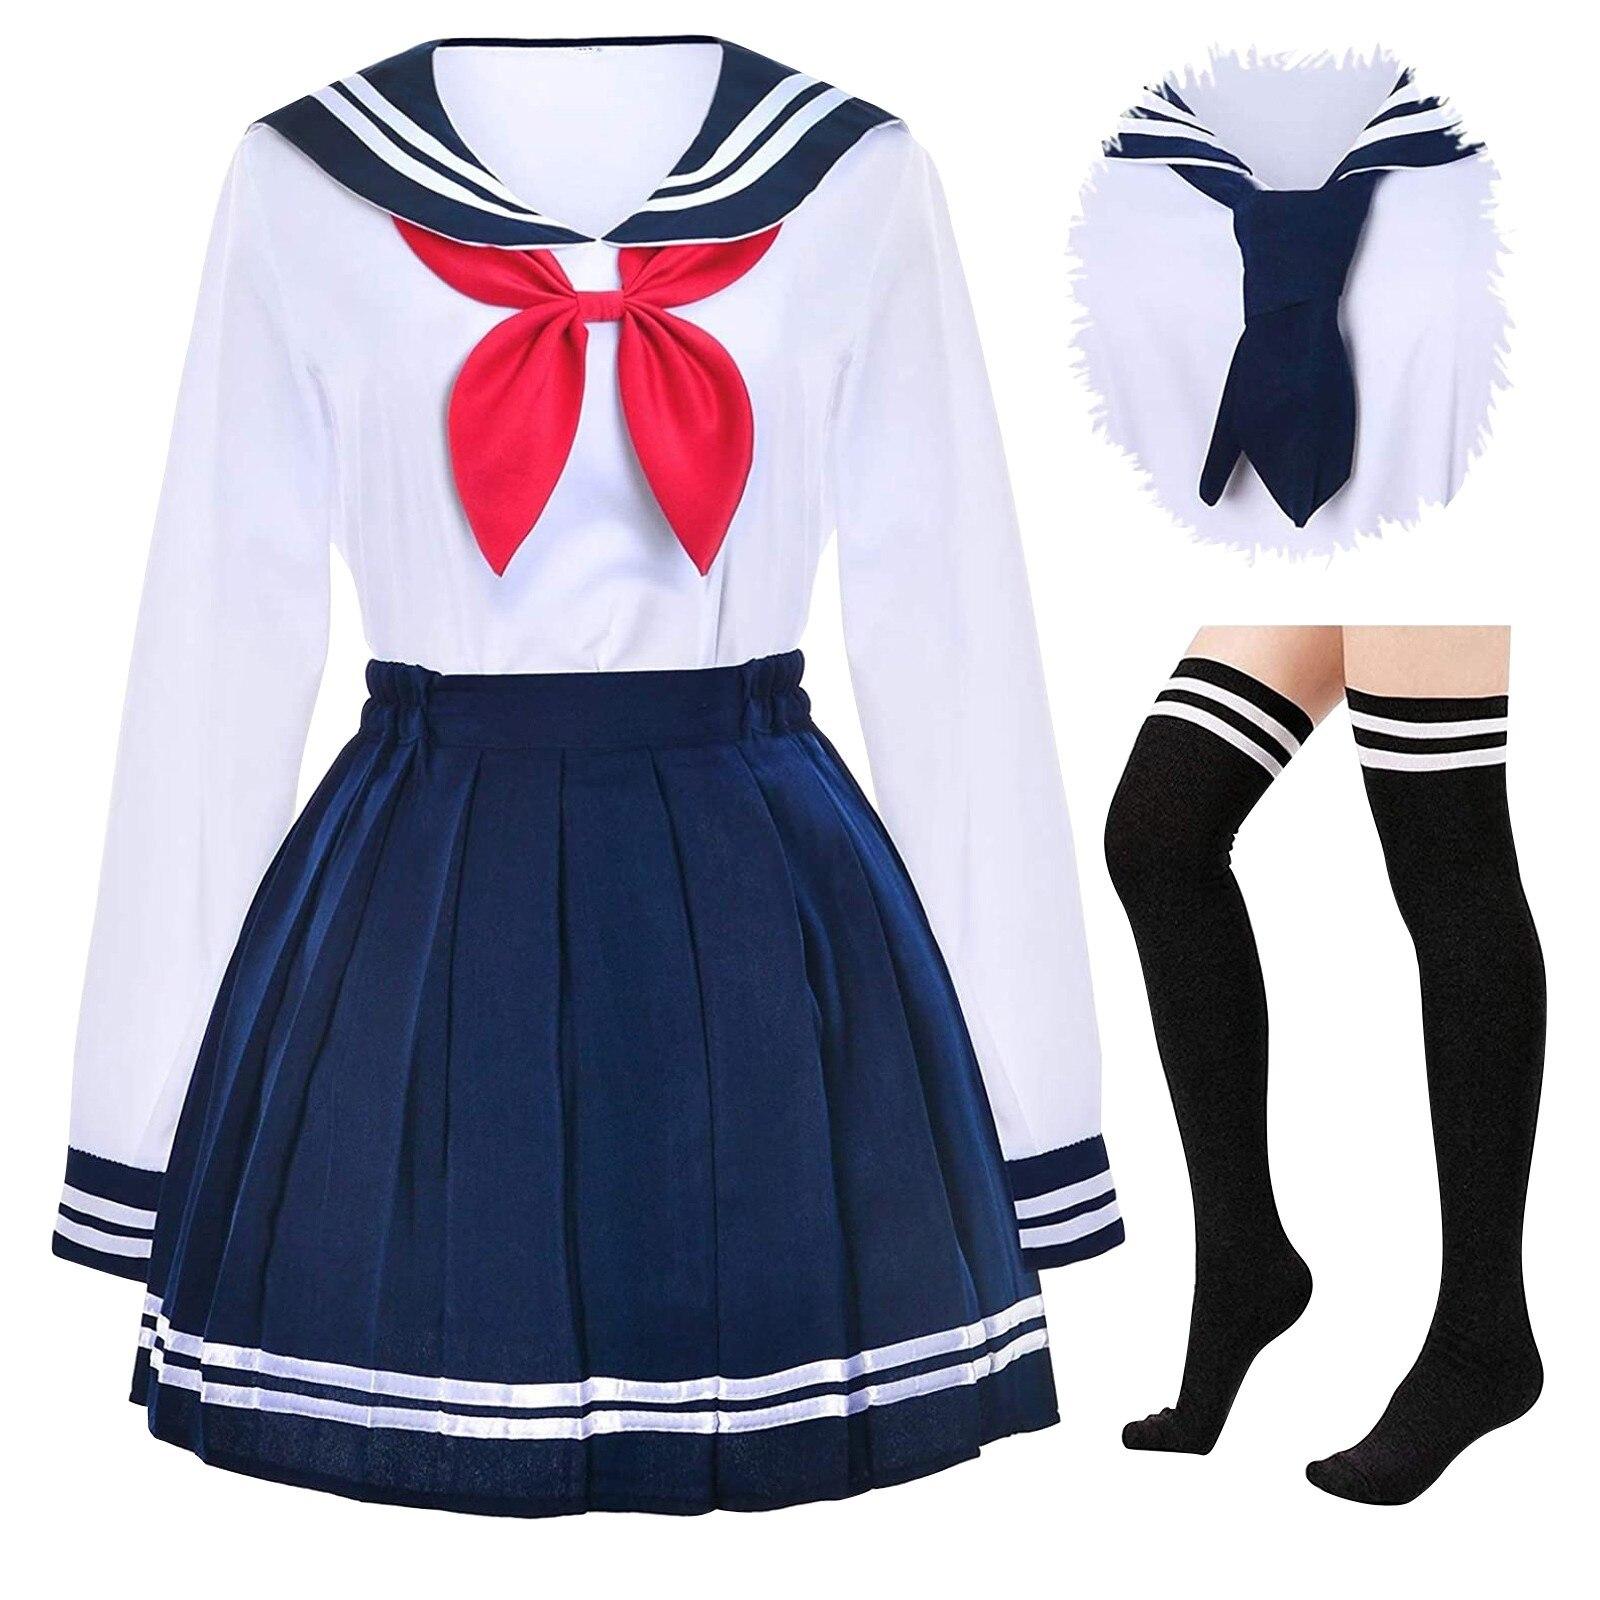 Lingerie Sexy pour femmes, uniforme de sexe, jupe de Cosplay d'étudiant, uniforme de jeu de rôle érotique d'écolière, lingerie coquine